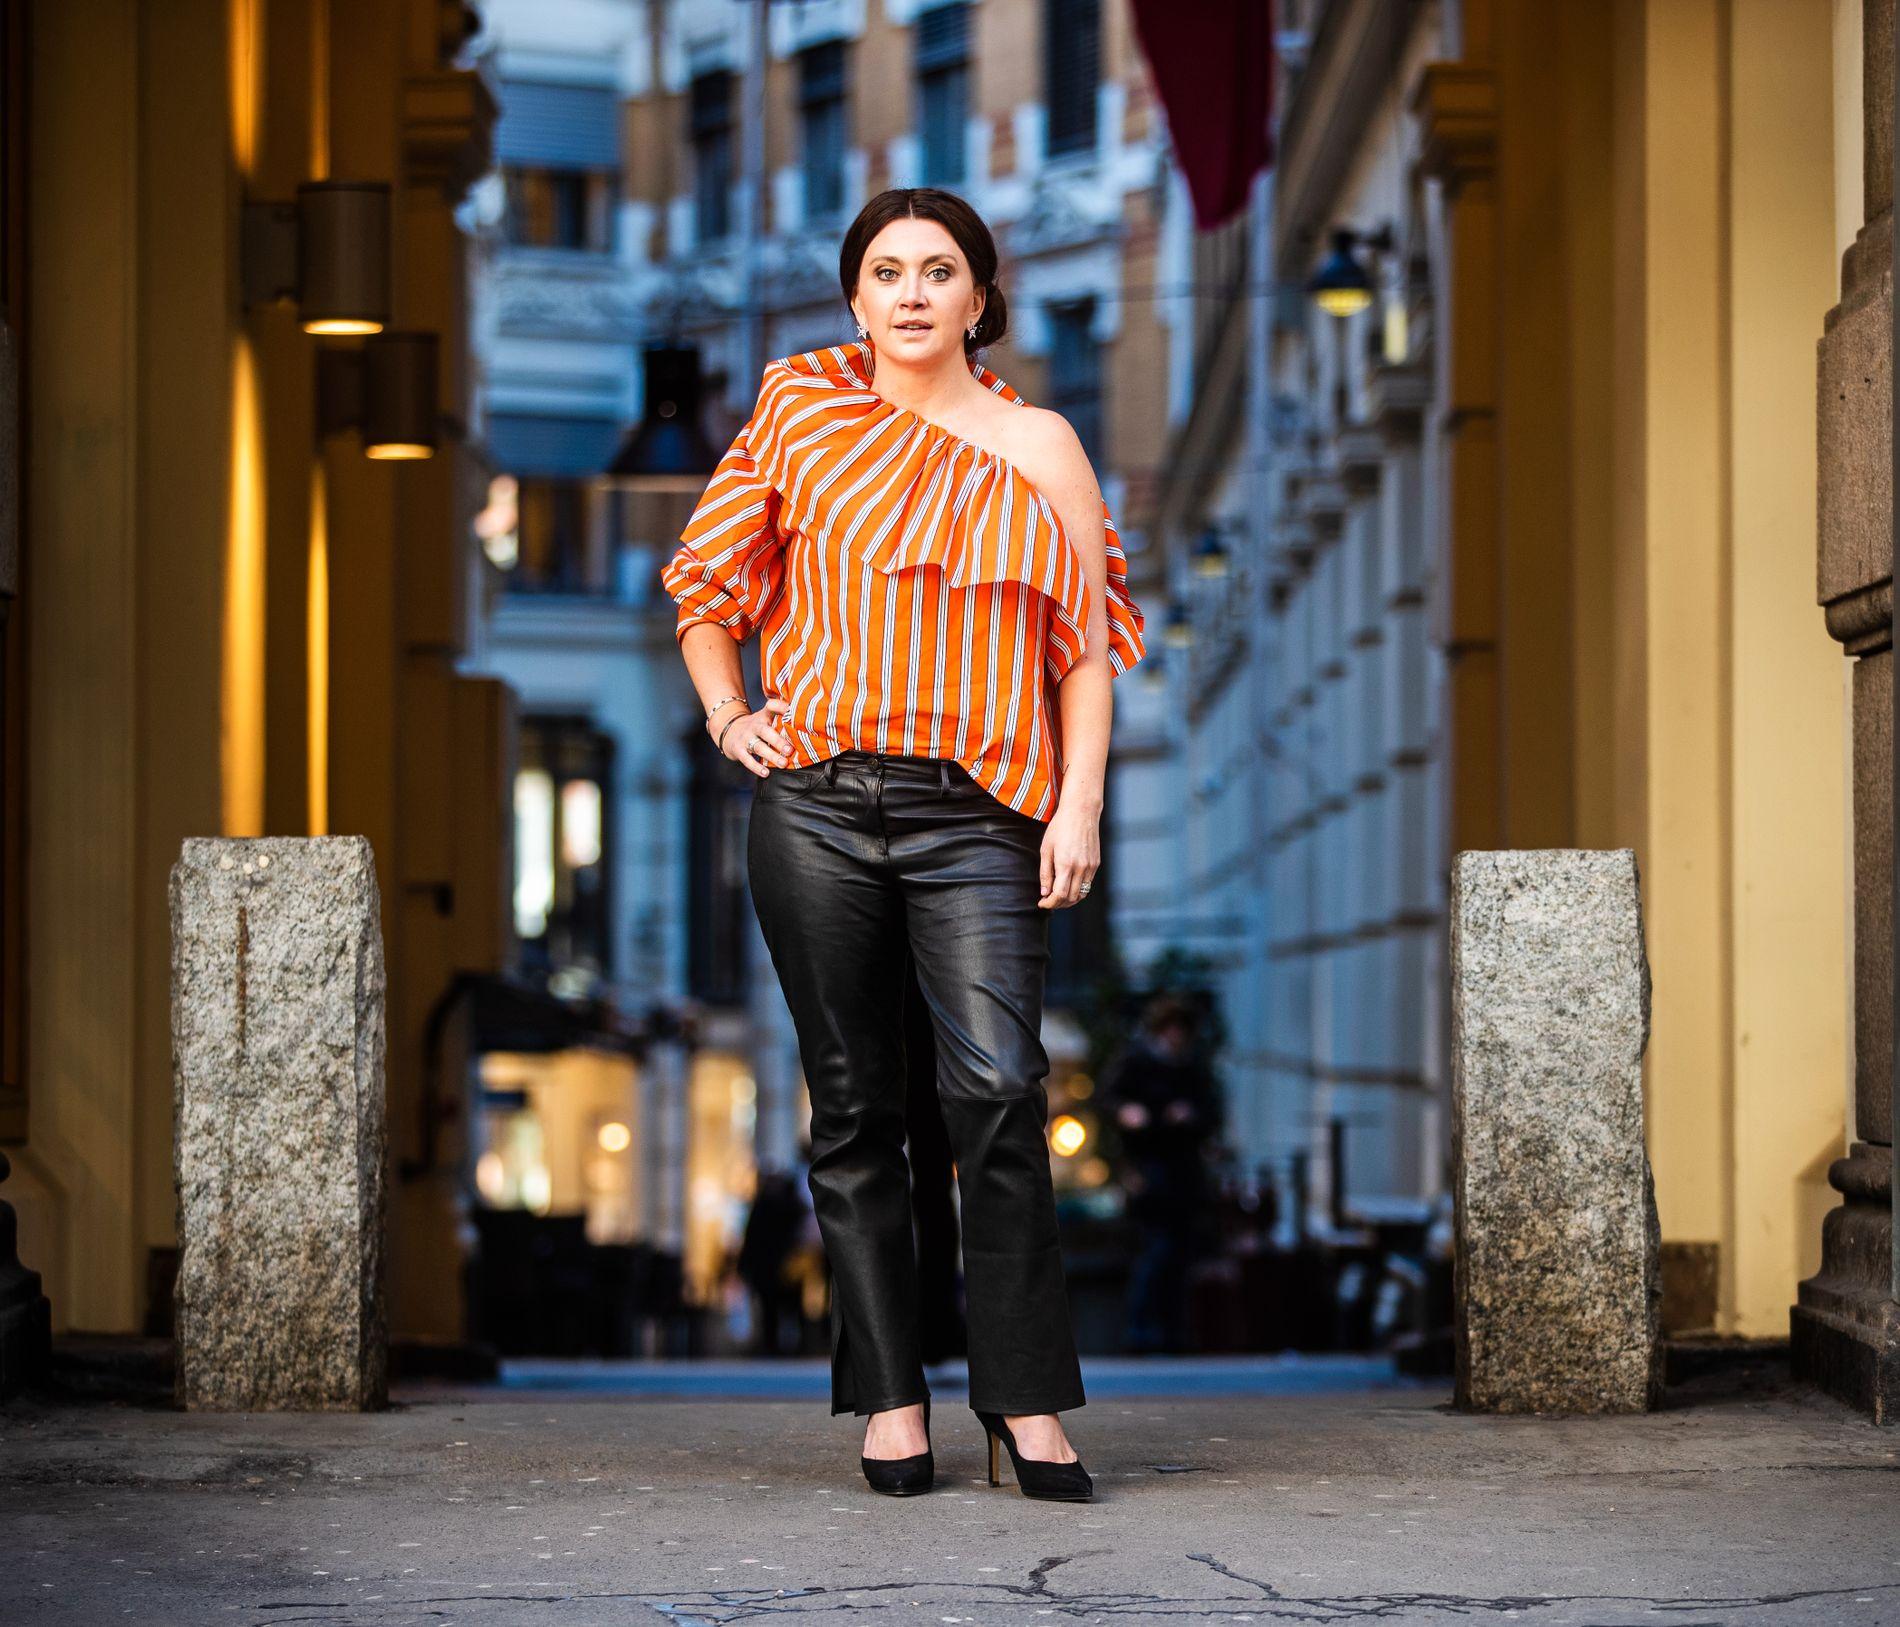 NERDENES HEVN: Camilla Läckberg (44) var ikke en av de populære da hun var yngre – og forteller at hun først vokste inn i sitt eget skinn da hun passerte 30 år. Nå er hun en av Sveriges best betalte forfattere.